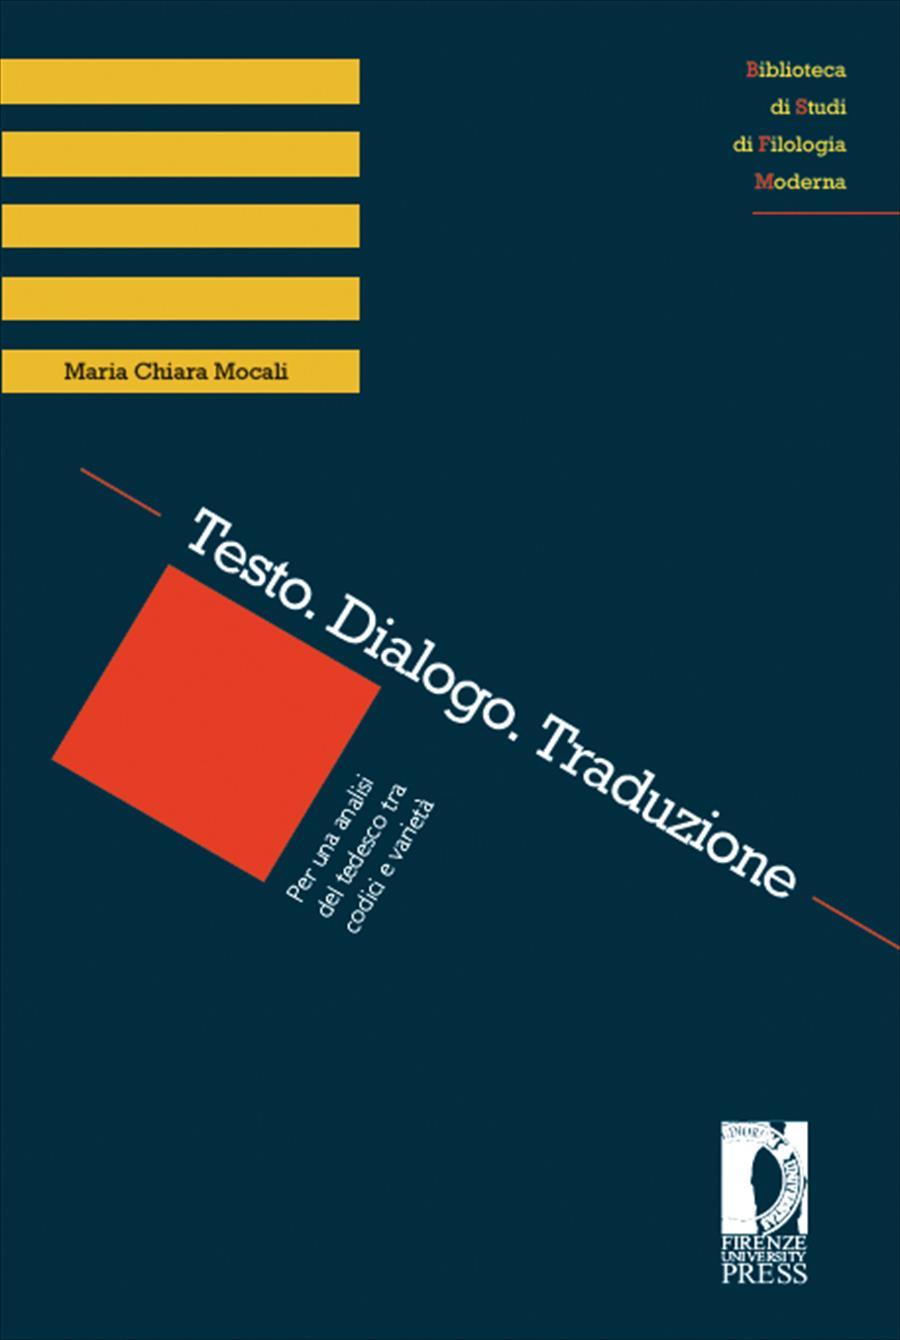 Testo. Dialogo. Traduzione. Per una analisi del tedesco tra codici e varietà